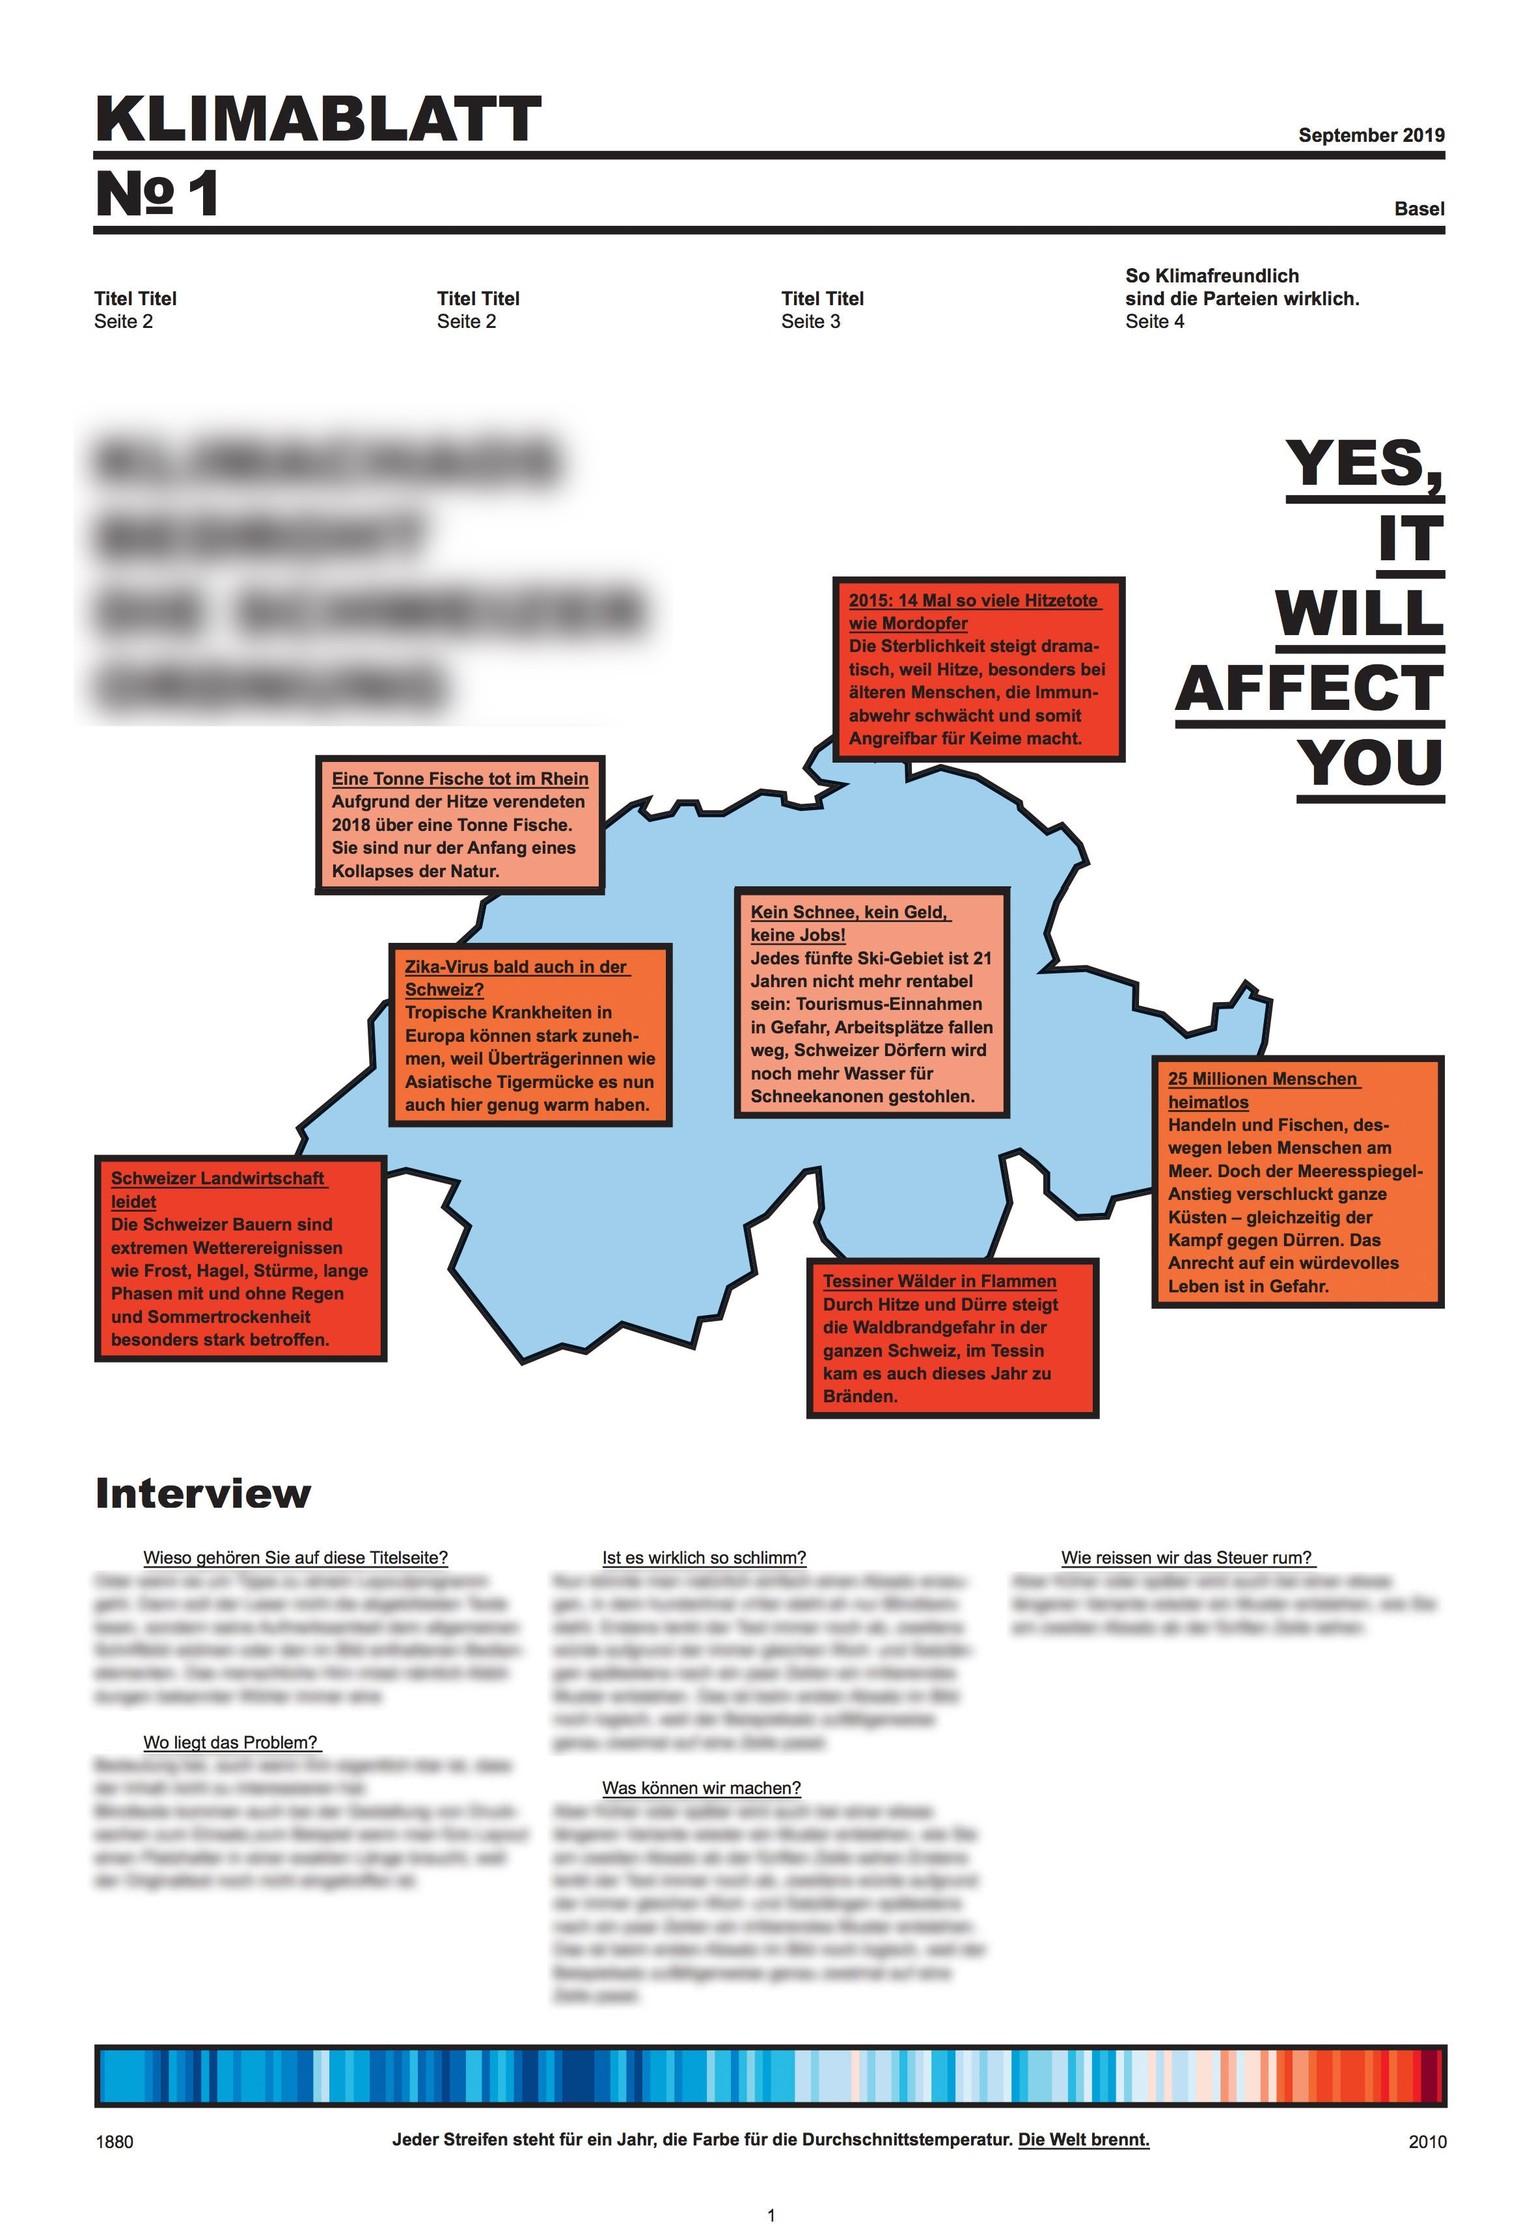 Klimablatt: So will die Klimajugend die Wahlen 2019